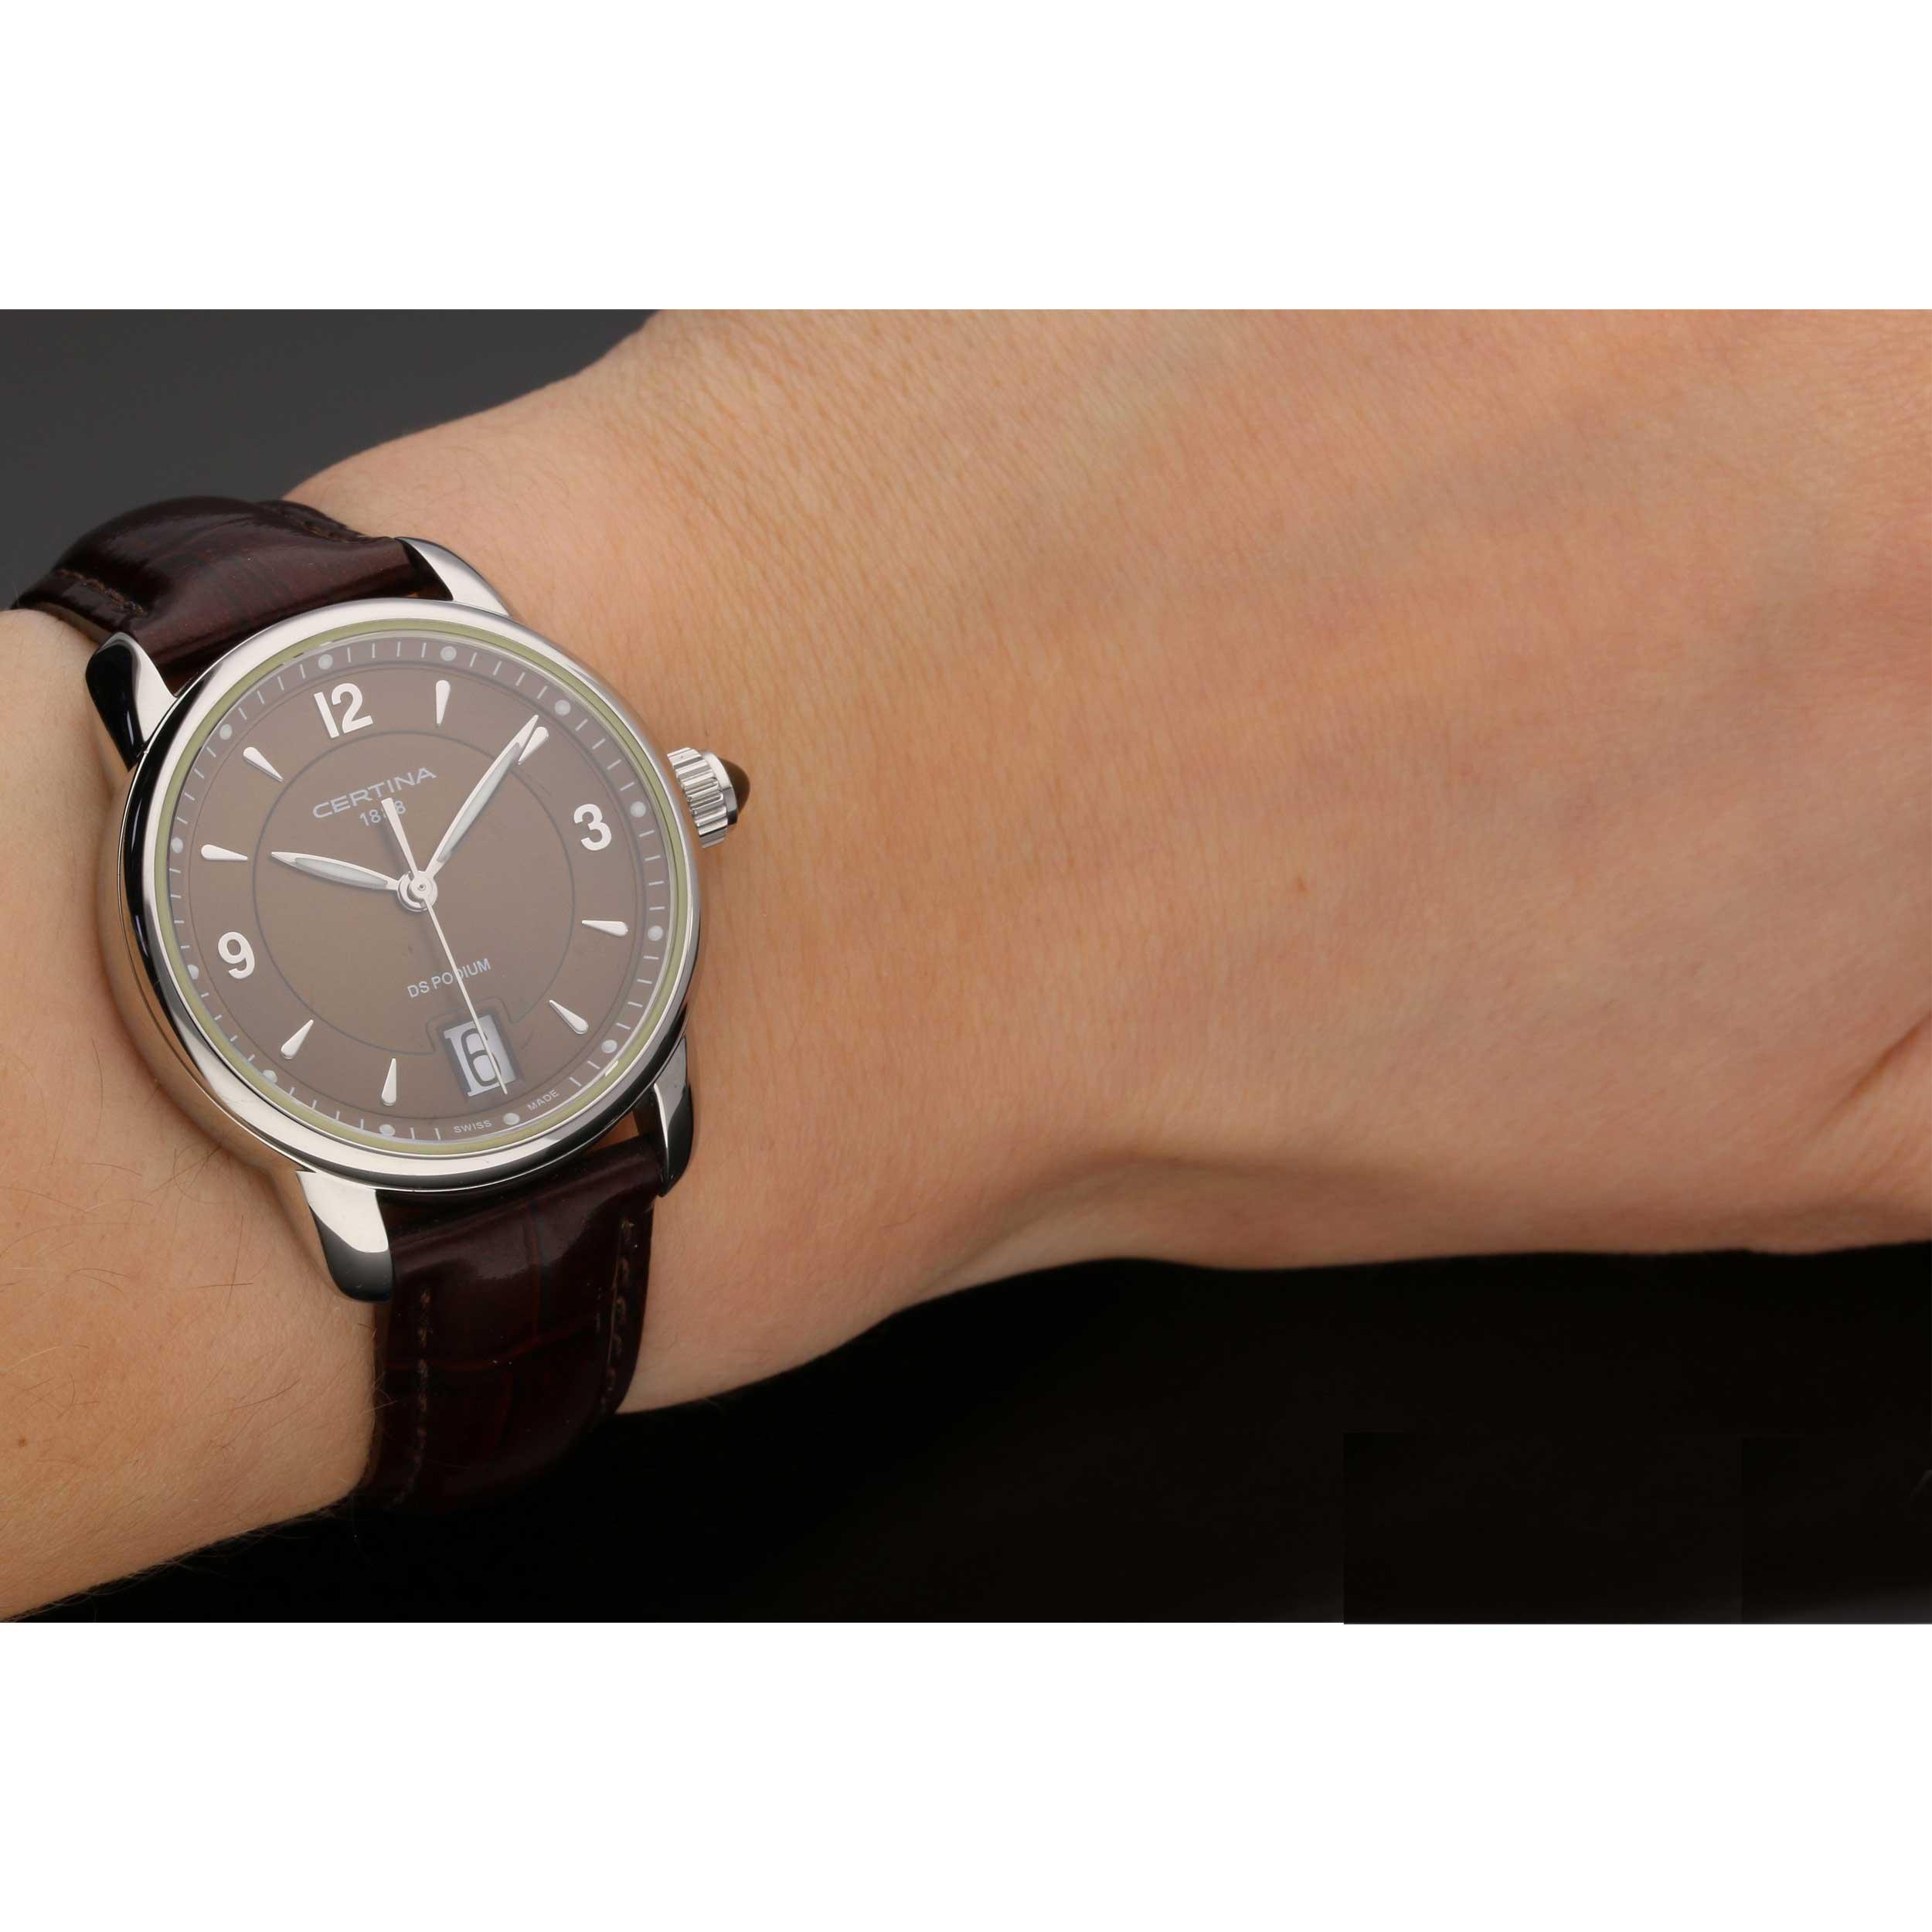 ساعت مچی عقربه ای زنانه مدل C0252101629700              ارزان